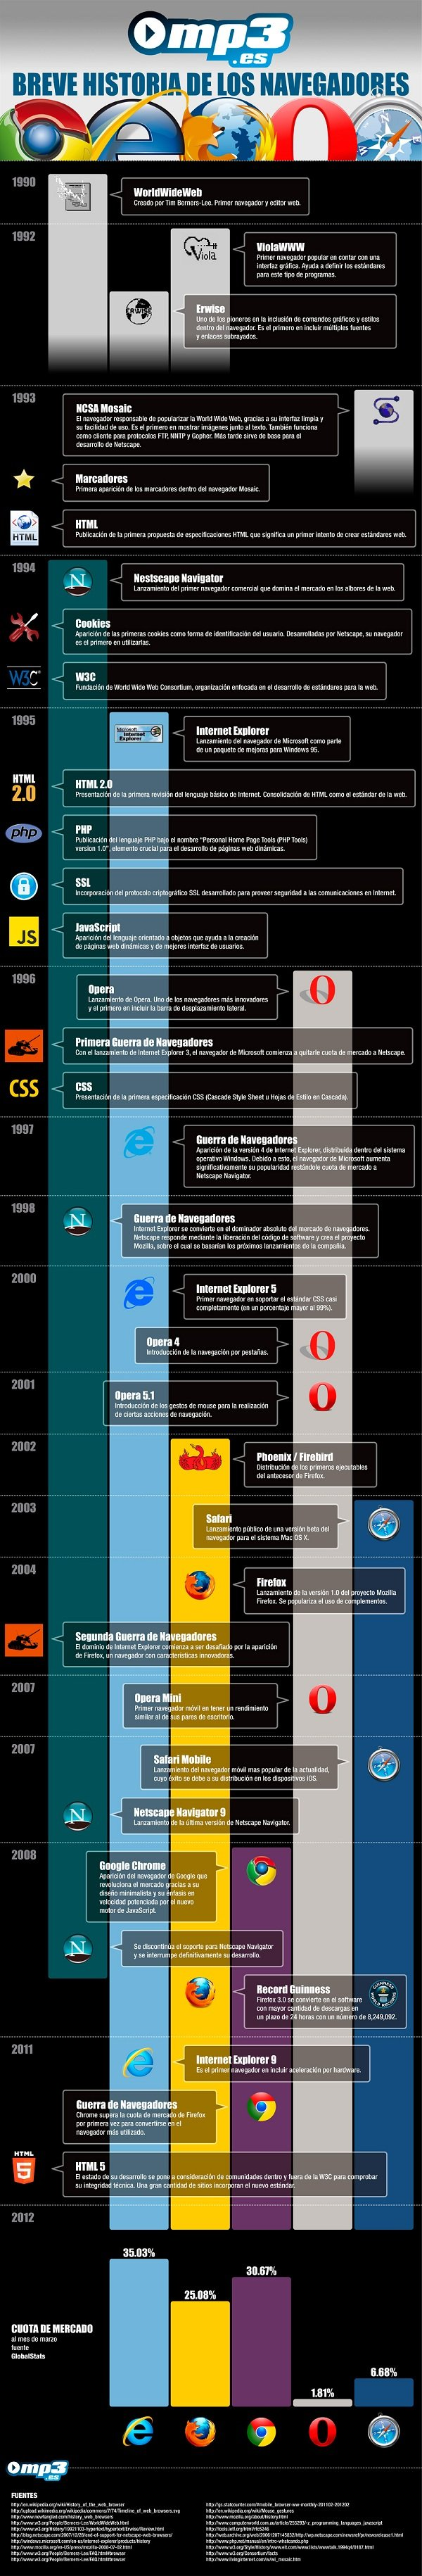 infografia historia de los navegadores